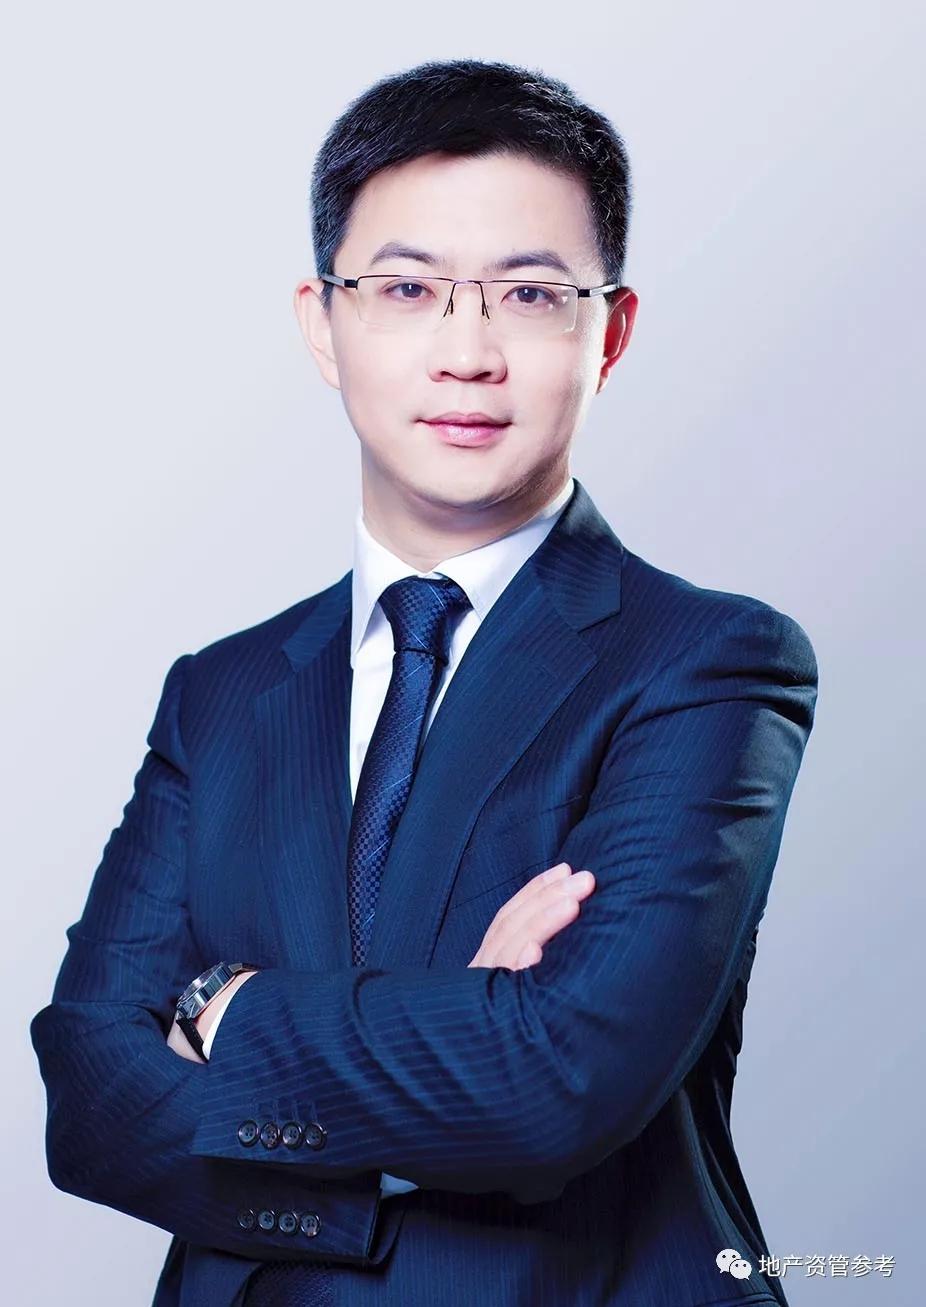 对话嘉兆国际集团梁金野 : 文旅与商业的化学反应-中国网地产